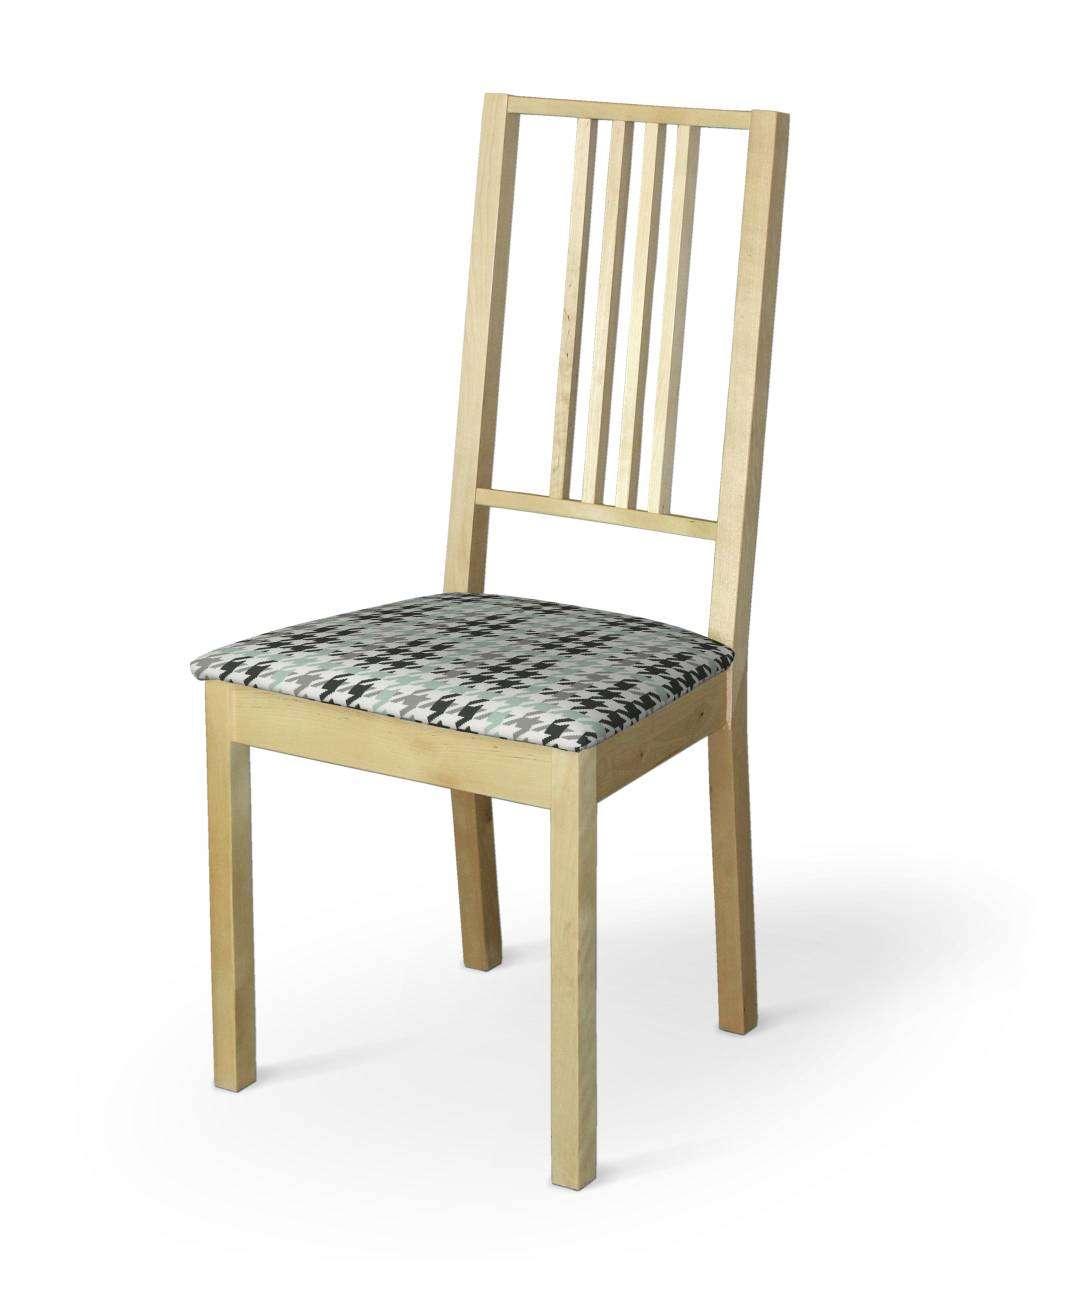 Börje kėdės užvalkalas Börje kėdės užvalkalas kolekcijoje Brooklyn, audinys: 137-77